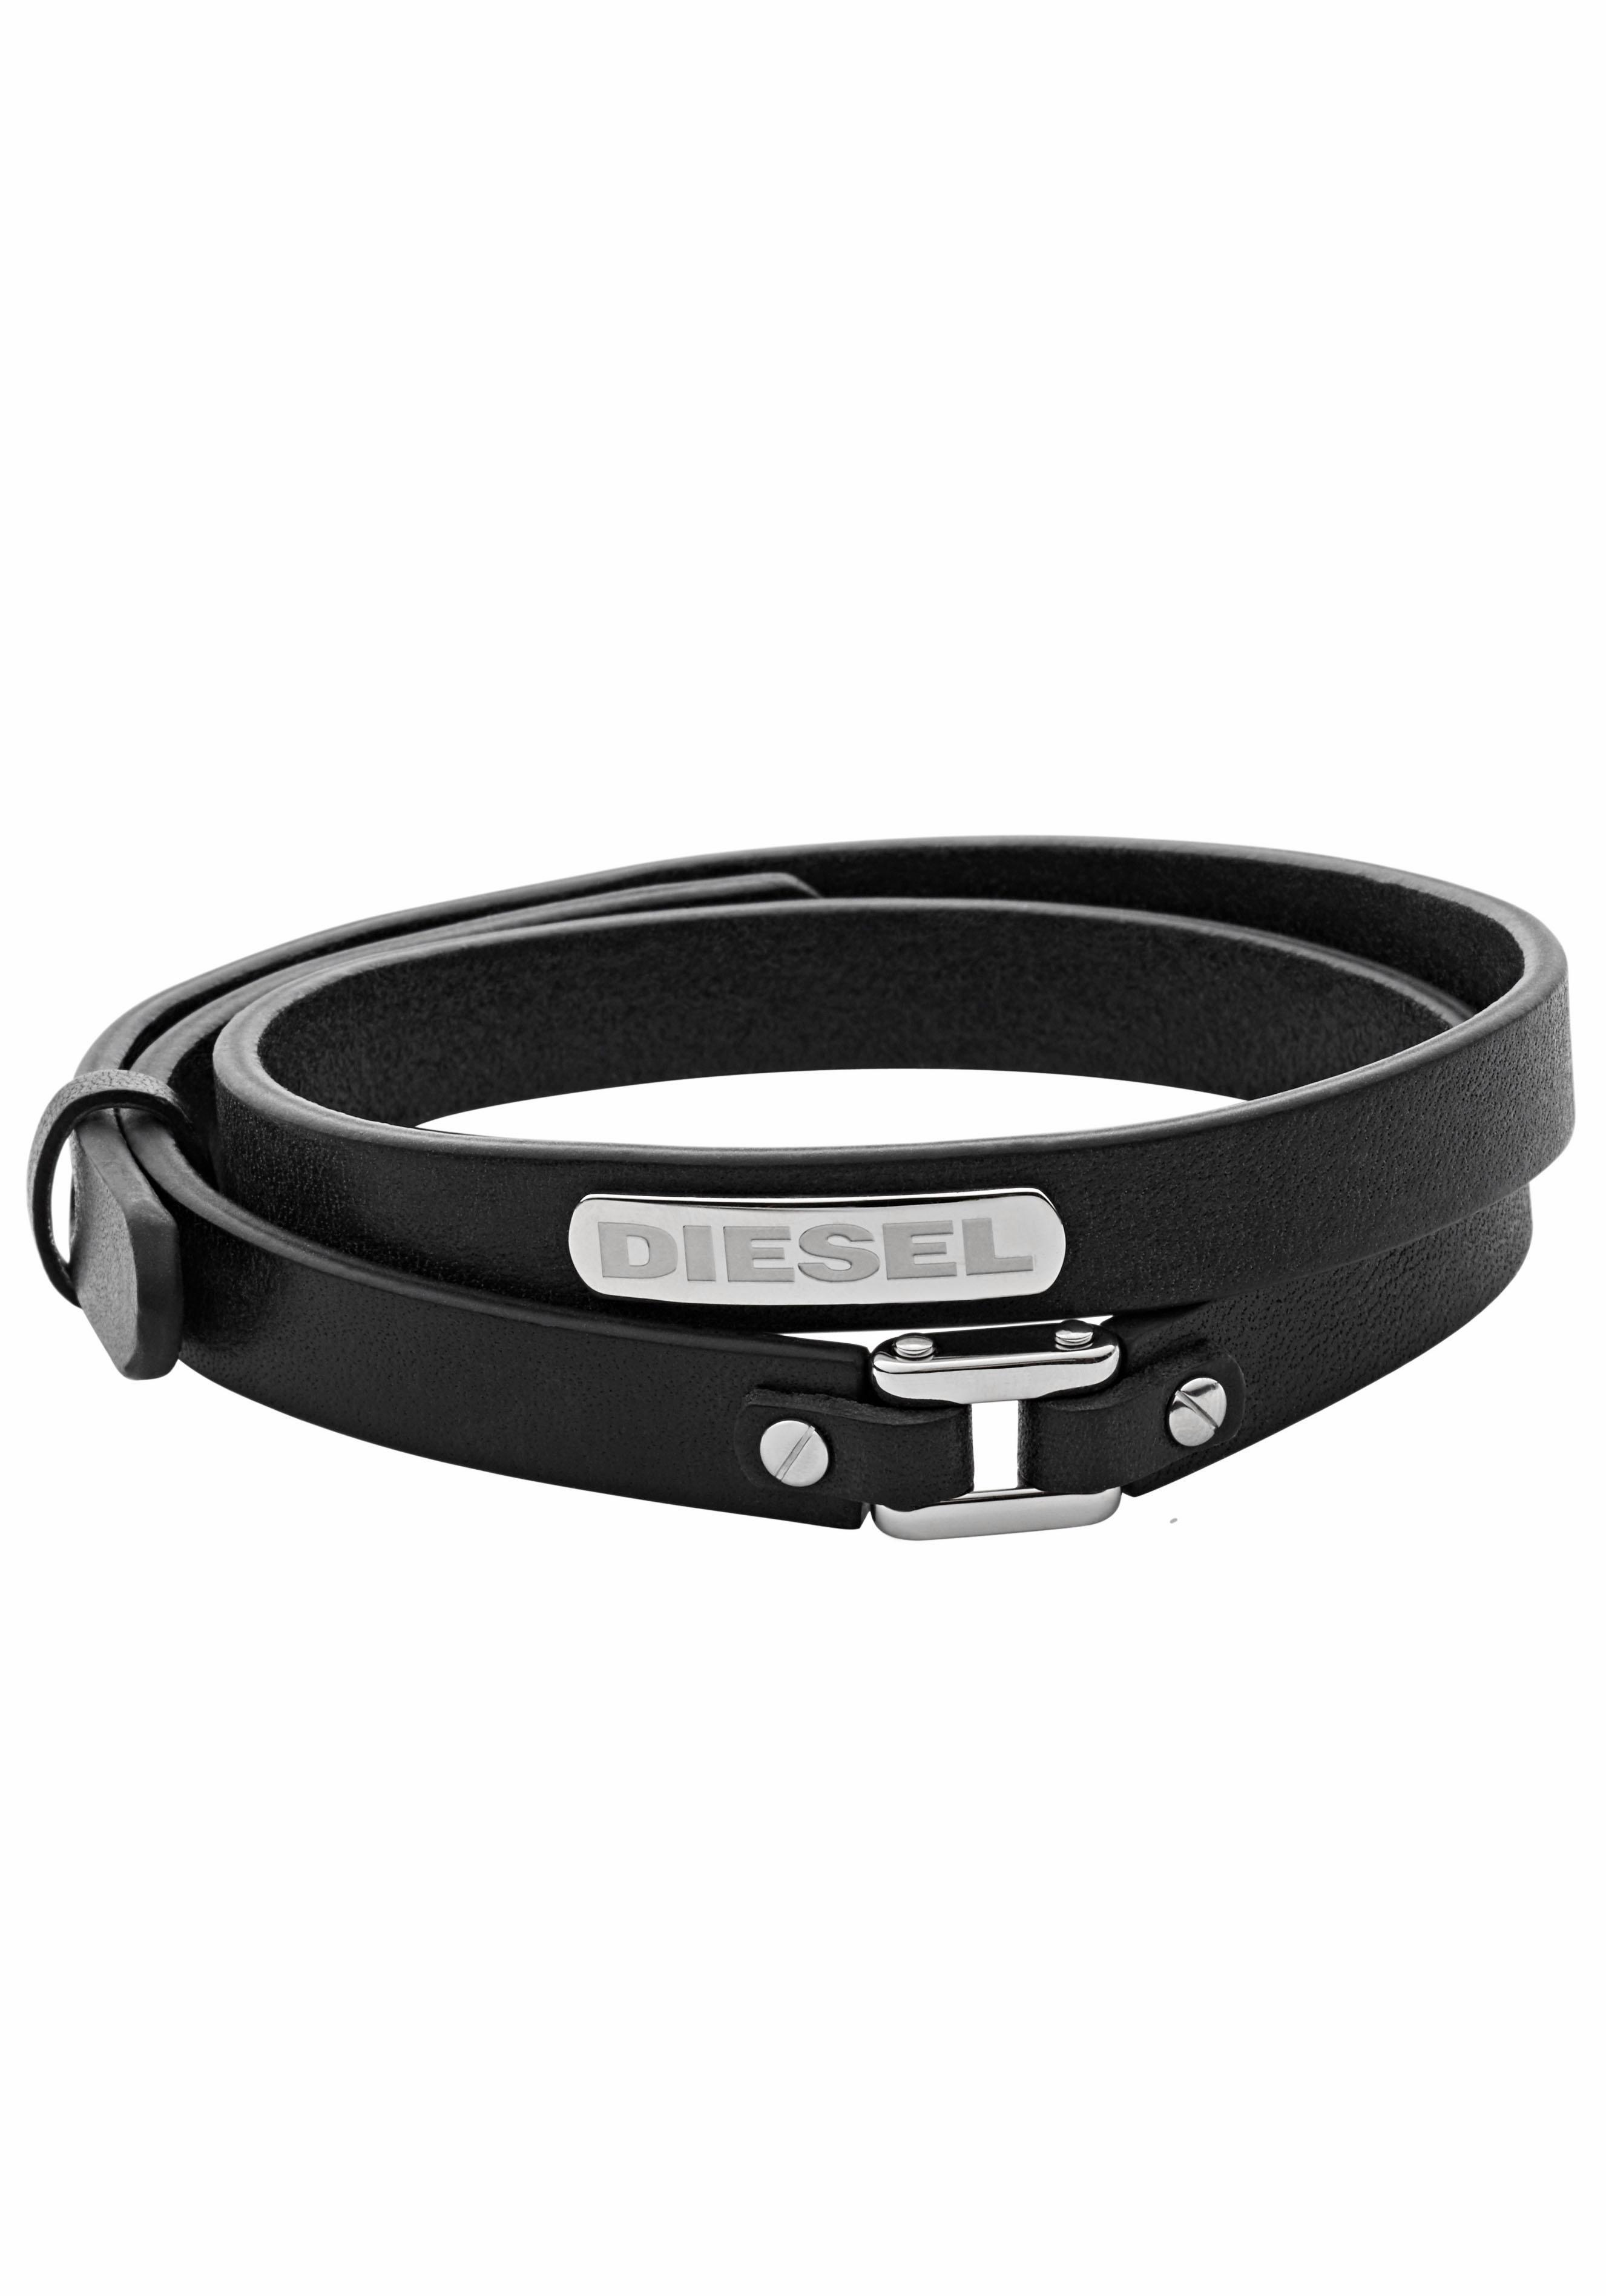 Diesel Wickelarmband STACKED DX0971040 | Schmuck > Armbänder > Wickelarmbänder | Diesel